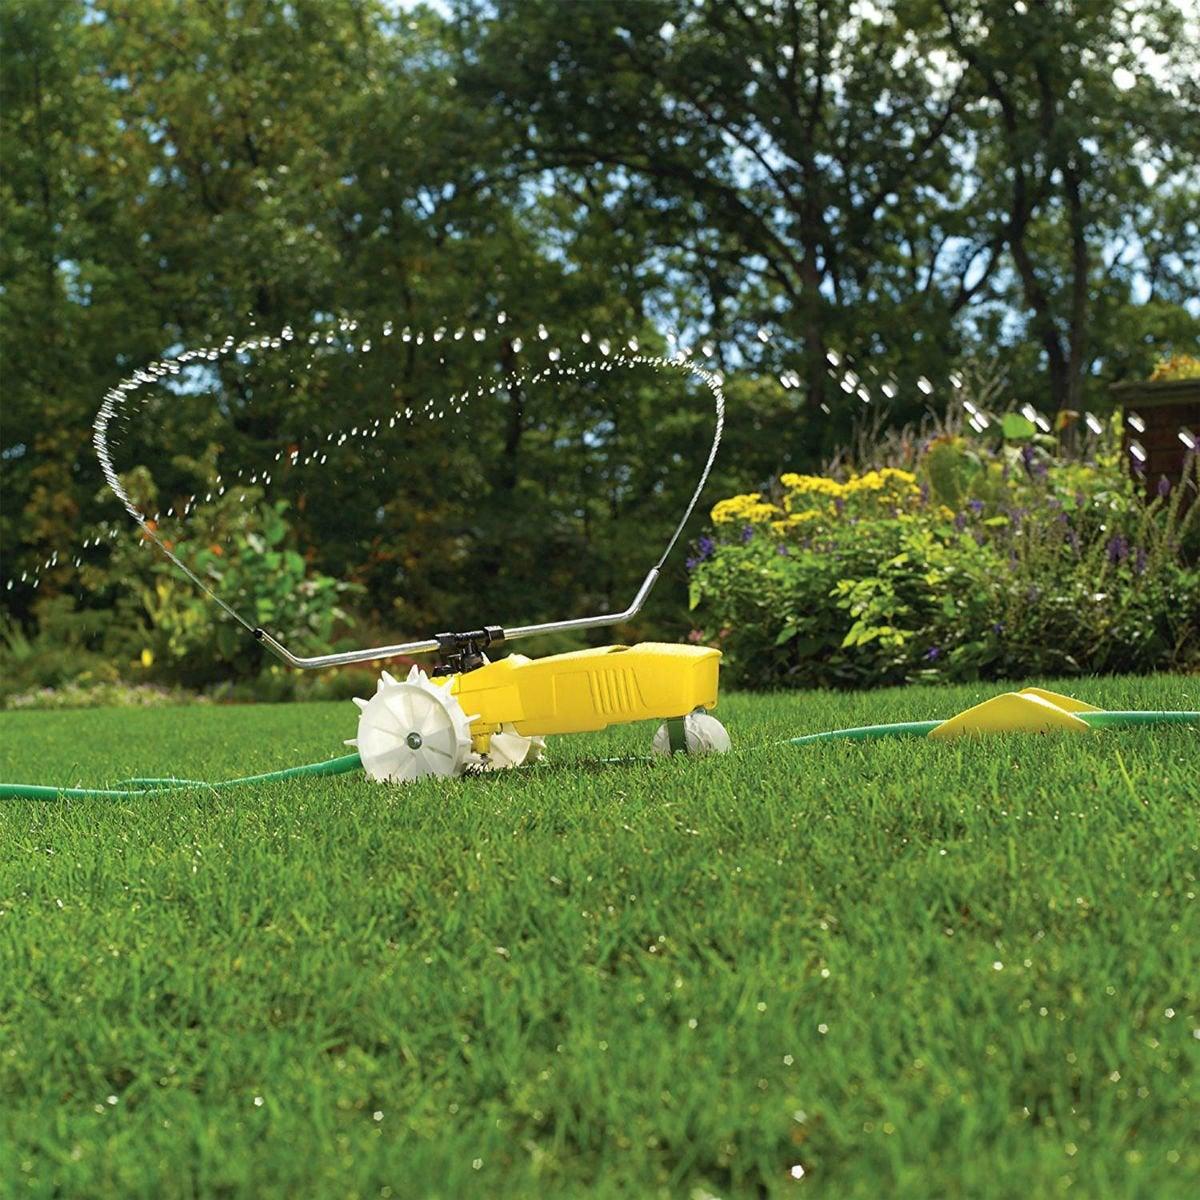 Best Traveling Lawn Sprinkler: Nelson RainTrain Traveling Sprinkler